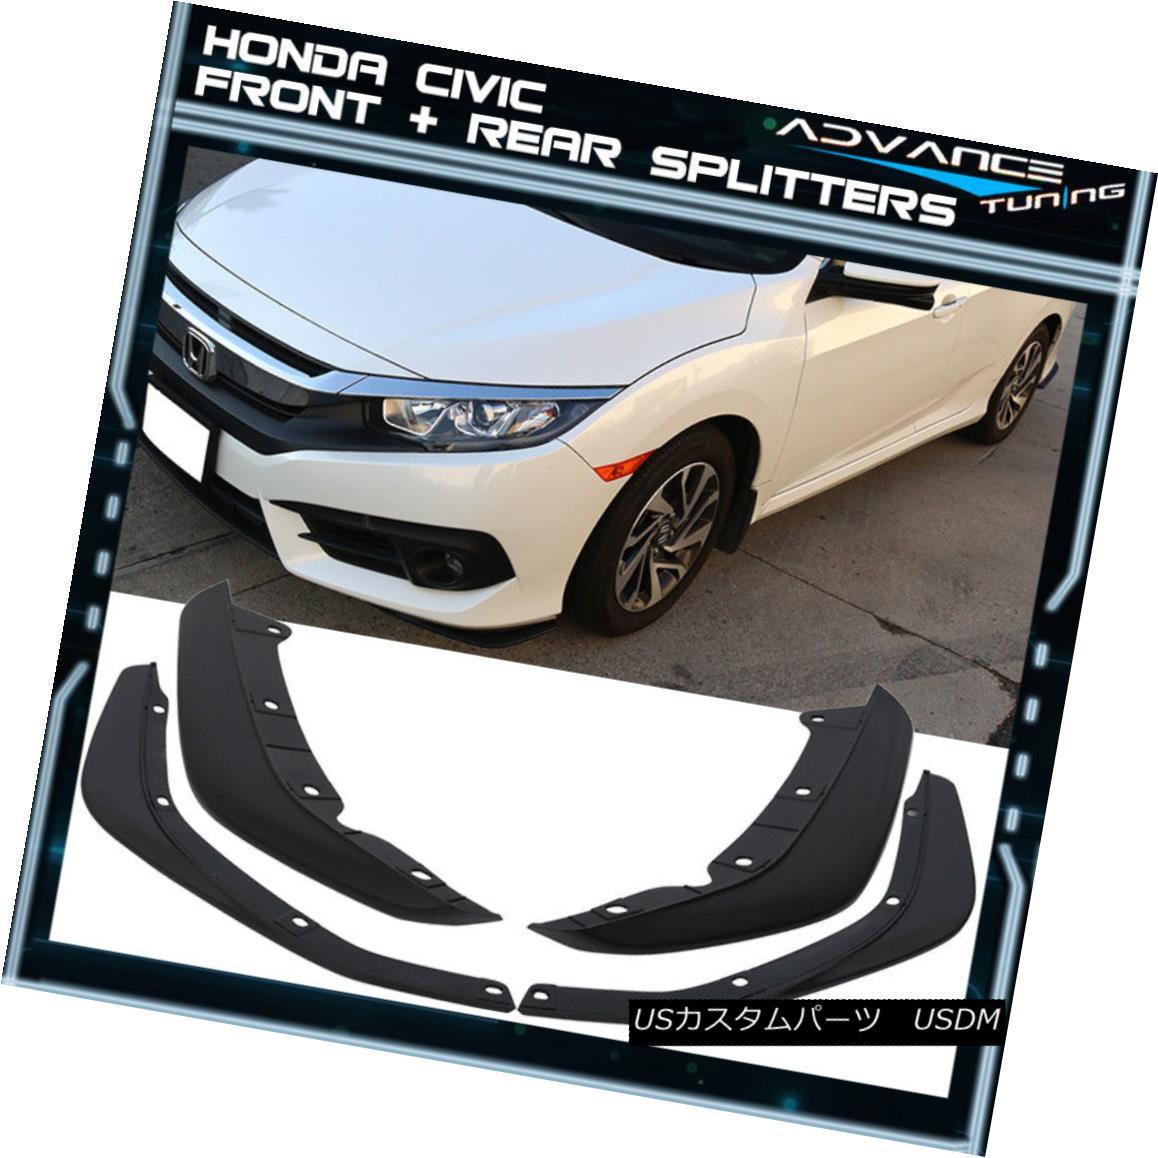 エアロパーツ For 16-18 Honda Civic 4DR Front + Rear Bumper Lip Splitters 4PC - PP 16-18ホンダシビック4DRフロント+リアバンパーリップスプリッター4PC - PP用